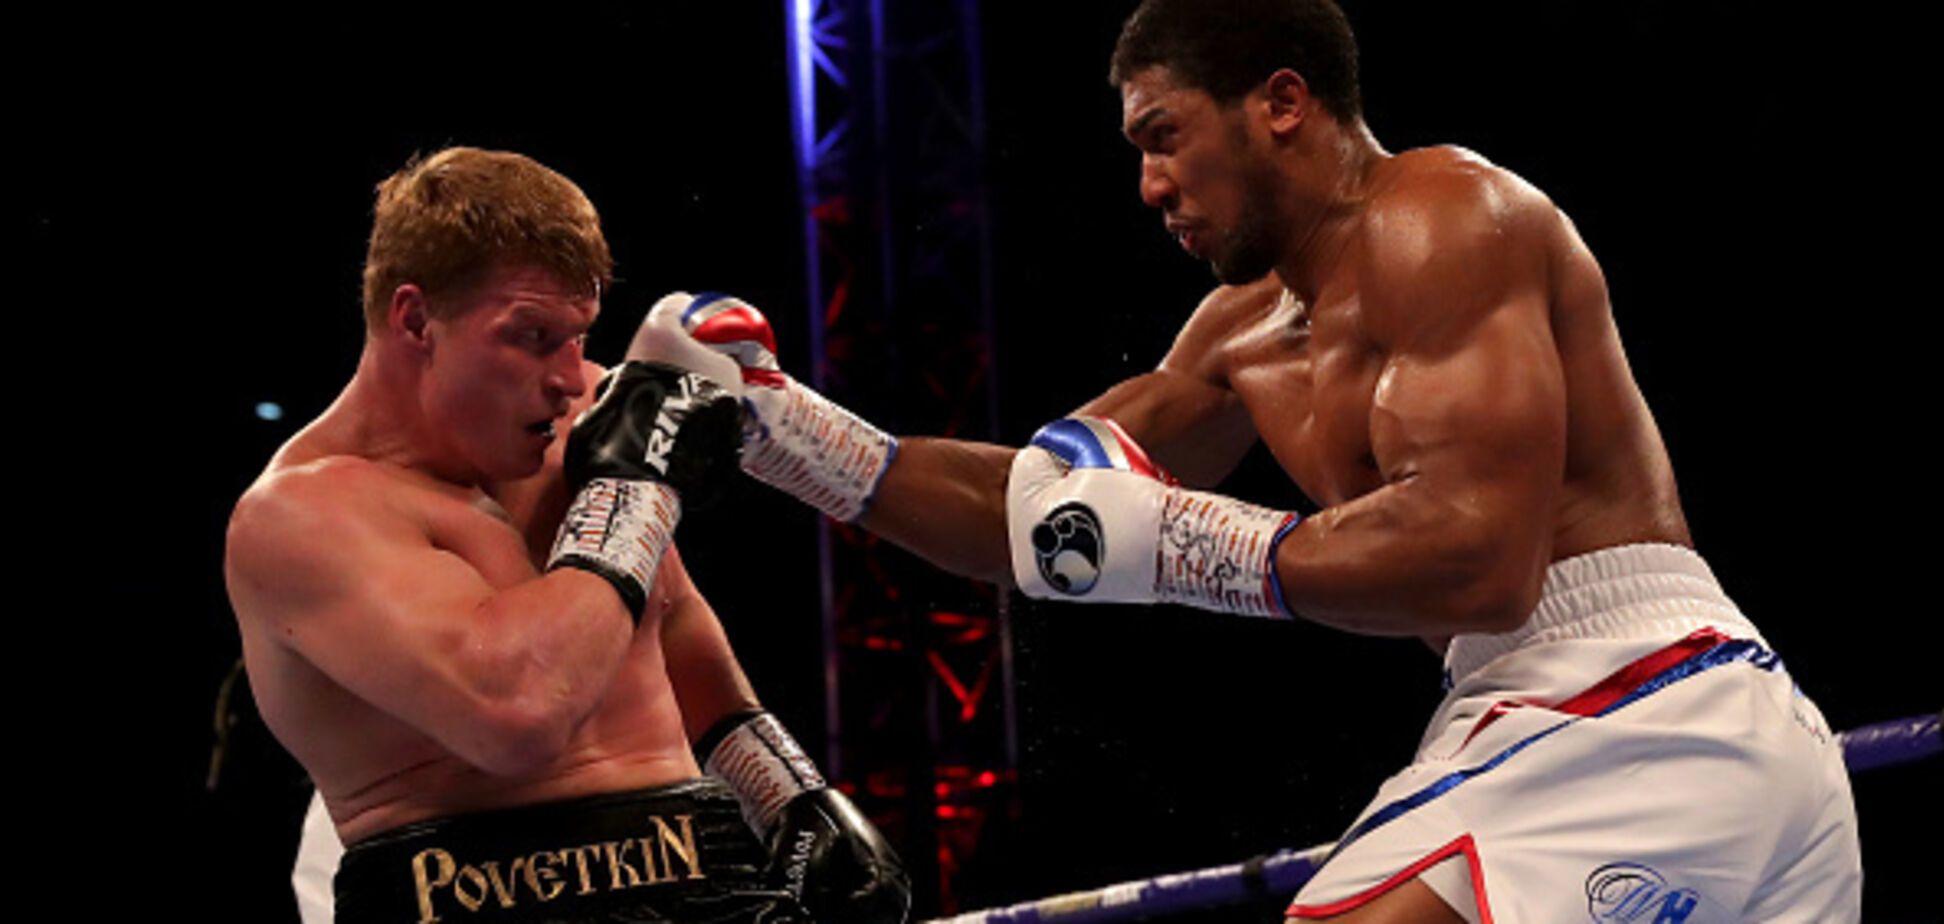 Джошуа побив Повєткіна в чемпіонському бою